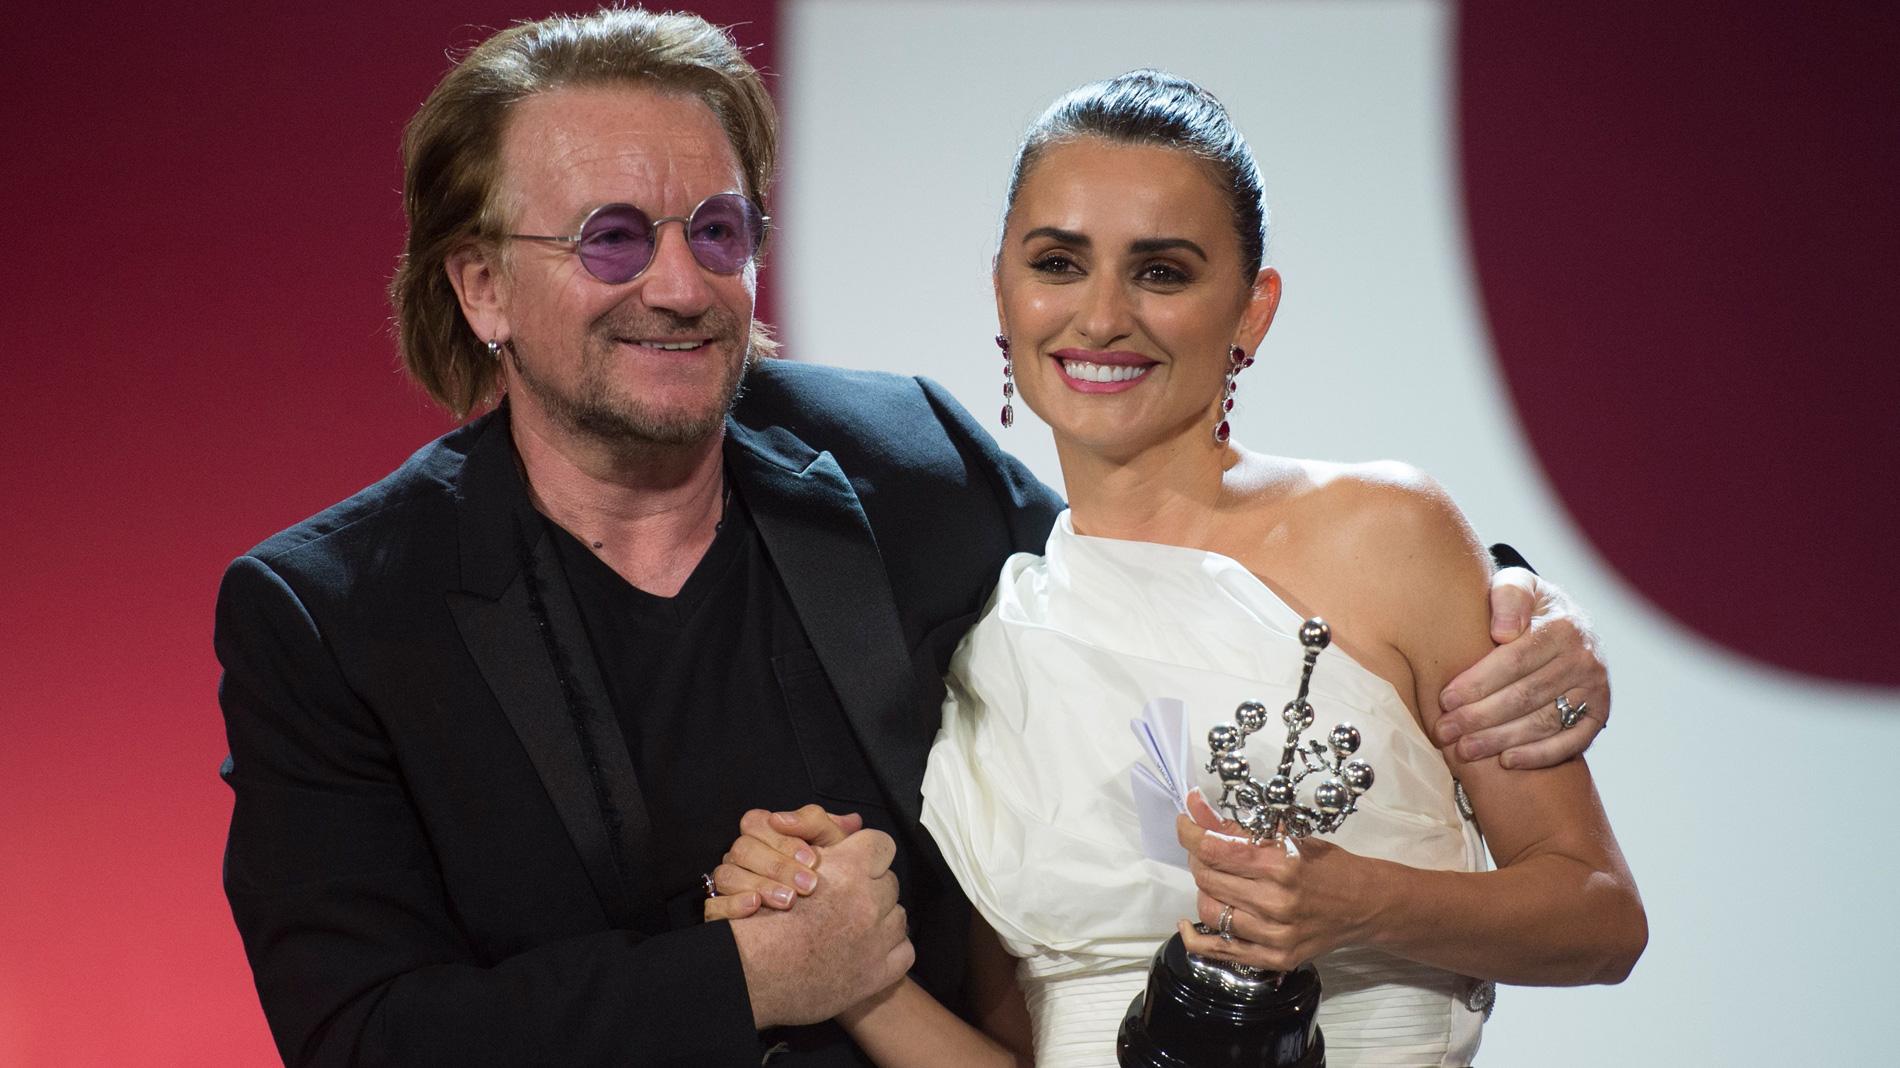 Ir al VideoPenélope Cruz recibe el premio Donostia del Festival de San Sebastián de manos de Bono